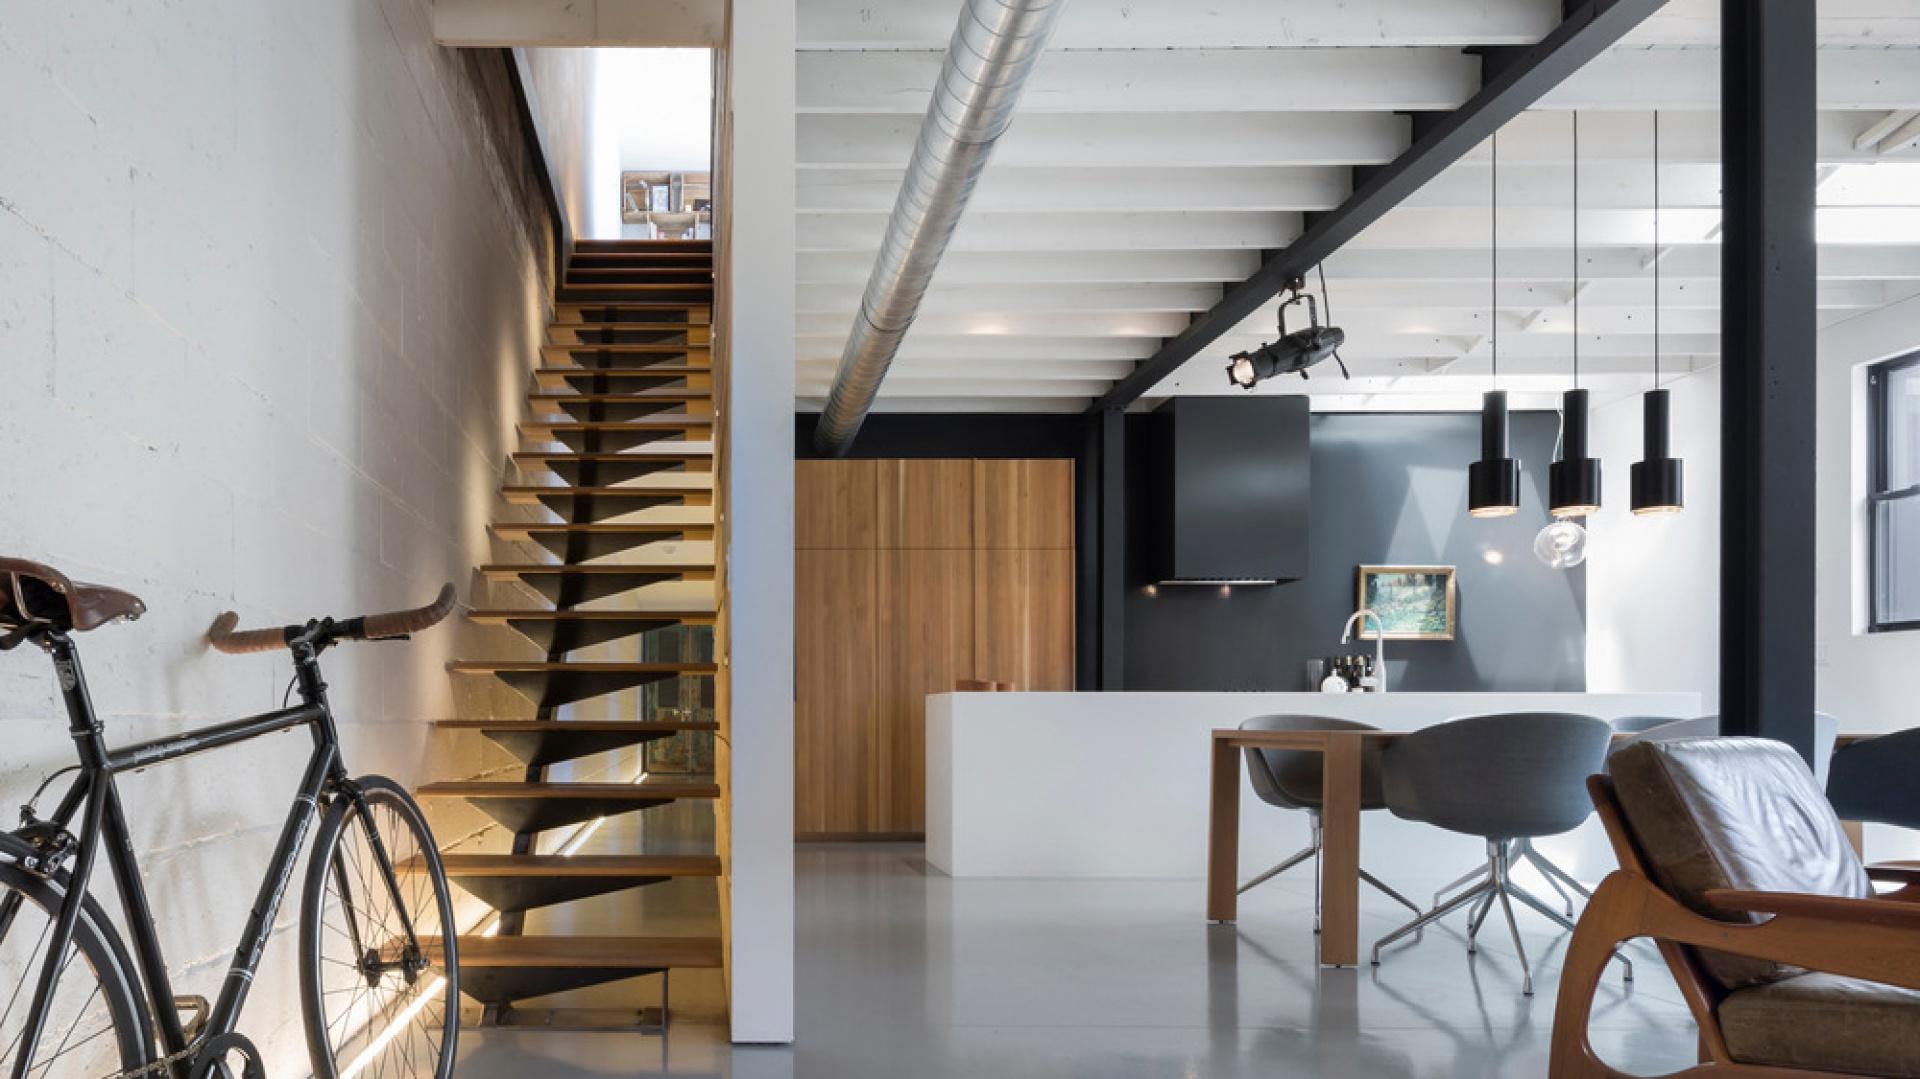 Nowoczesne wnętrze urządzono w stylu soft-loft. Dominują gładkie powierzchnie, minimalizm aranżacyjny oraz loftowe akcenty. Projekt: Atelier Moderno. Fot. Stéphane Groleau.